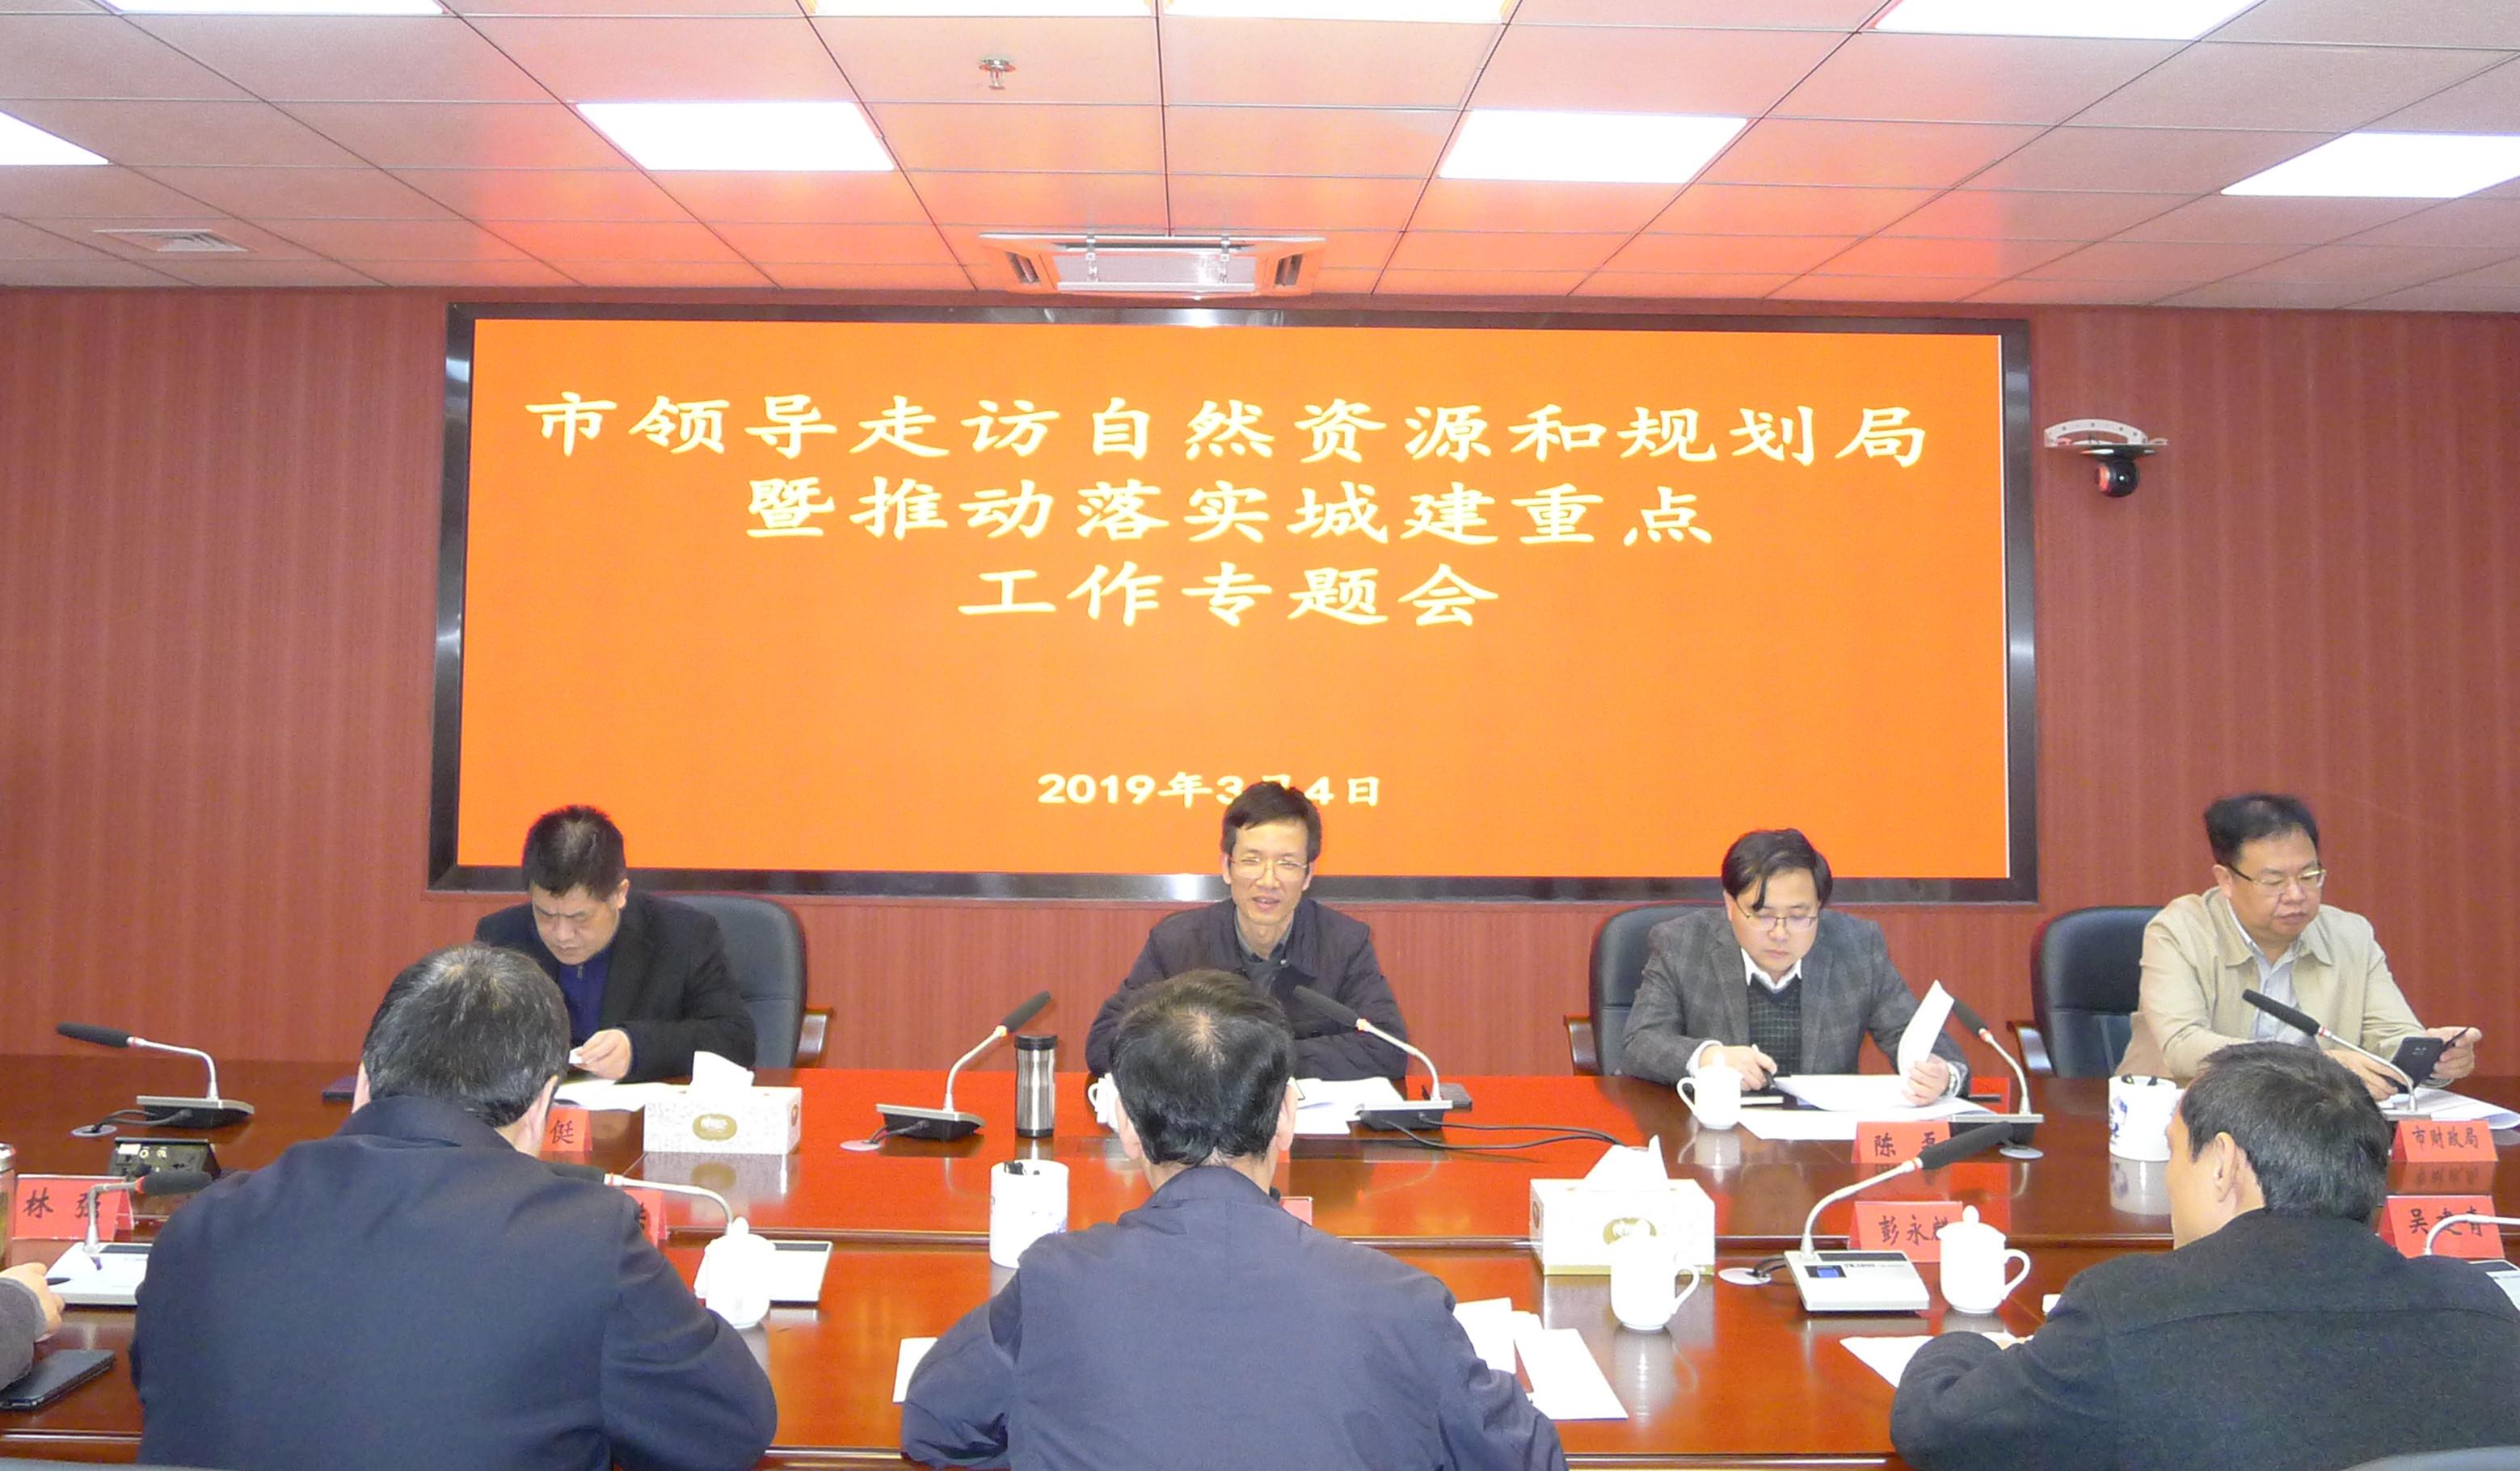 杨新坚副市长莅临市自然资源和规划局调研指导